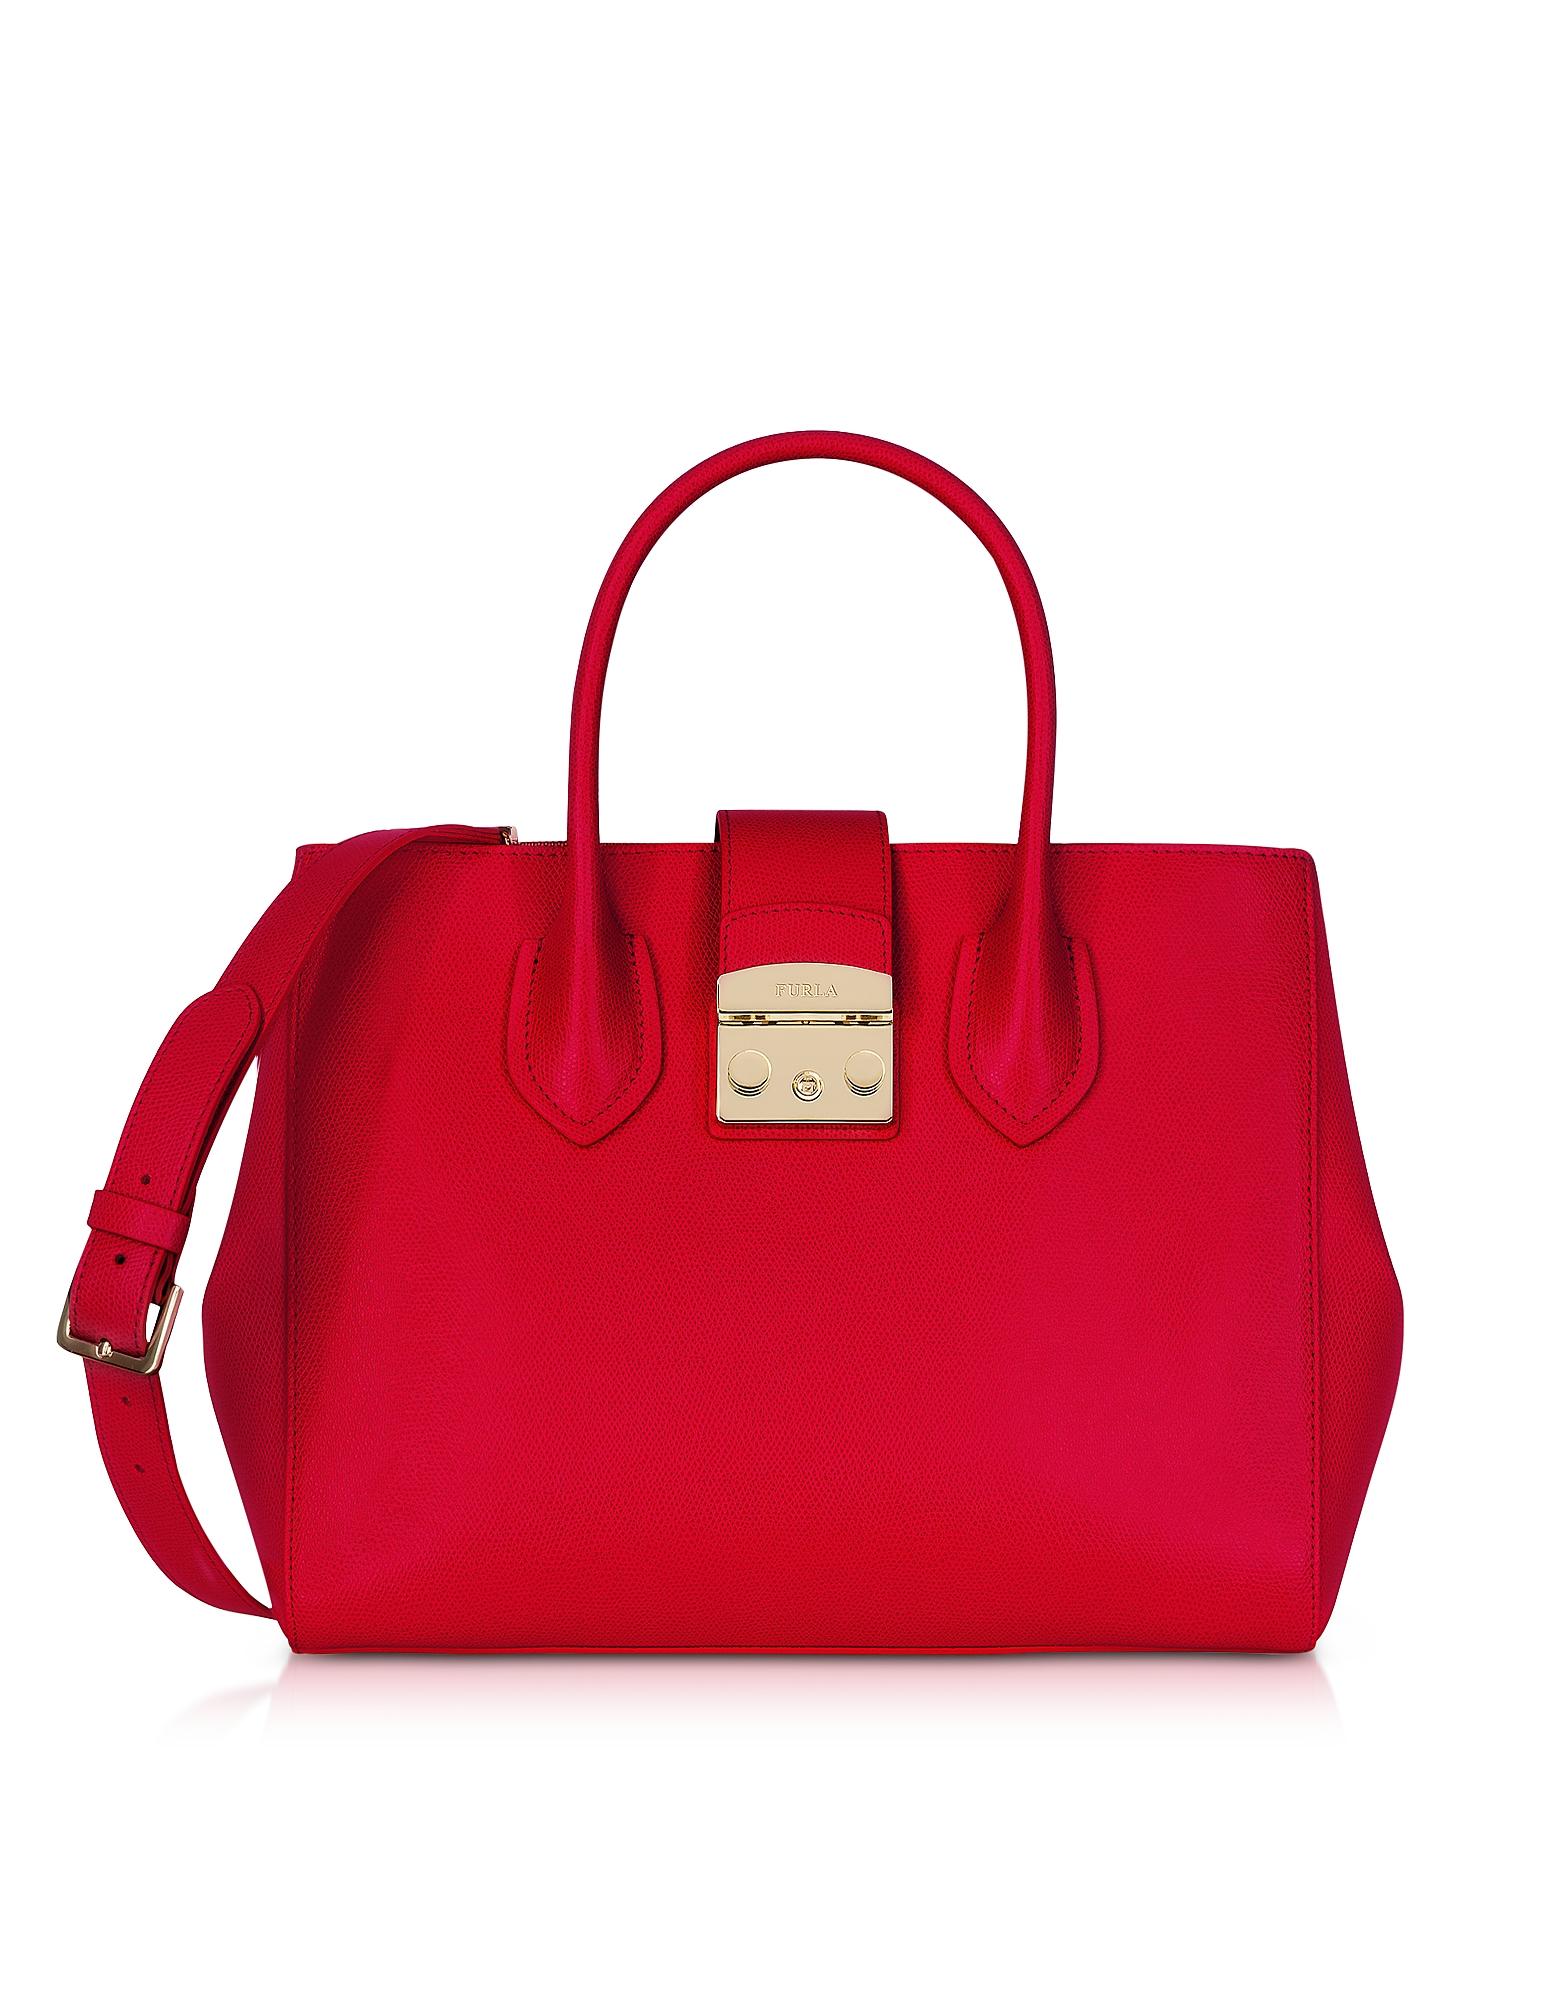 Furla Handbags, Ruby Leather Metropolis Medium Tote Bag